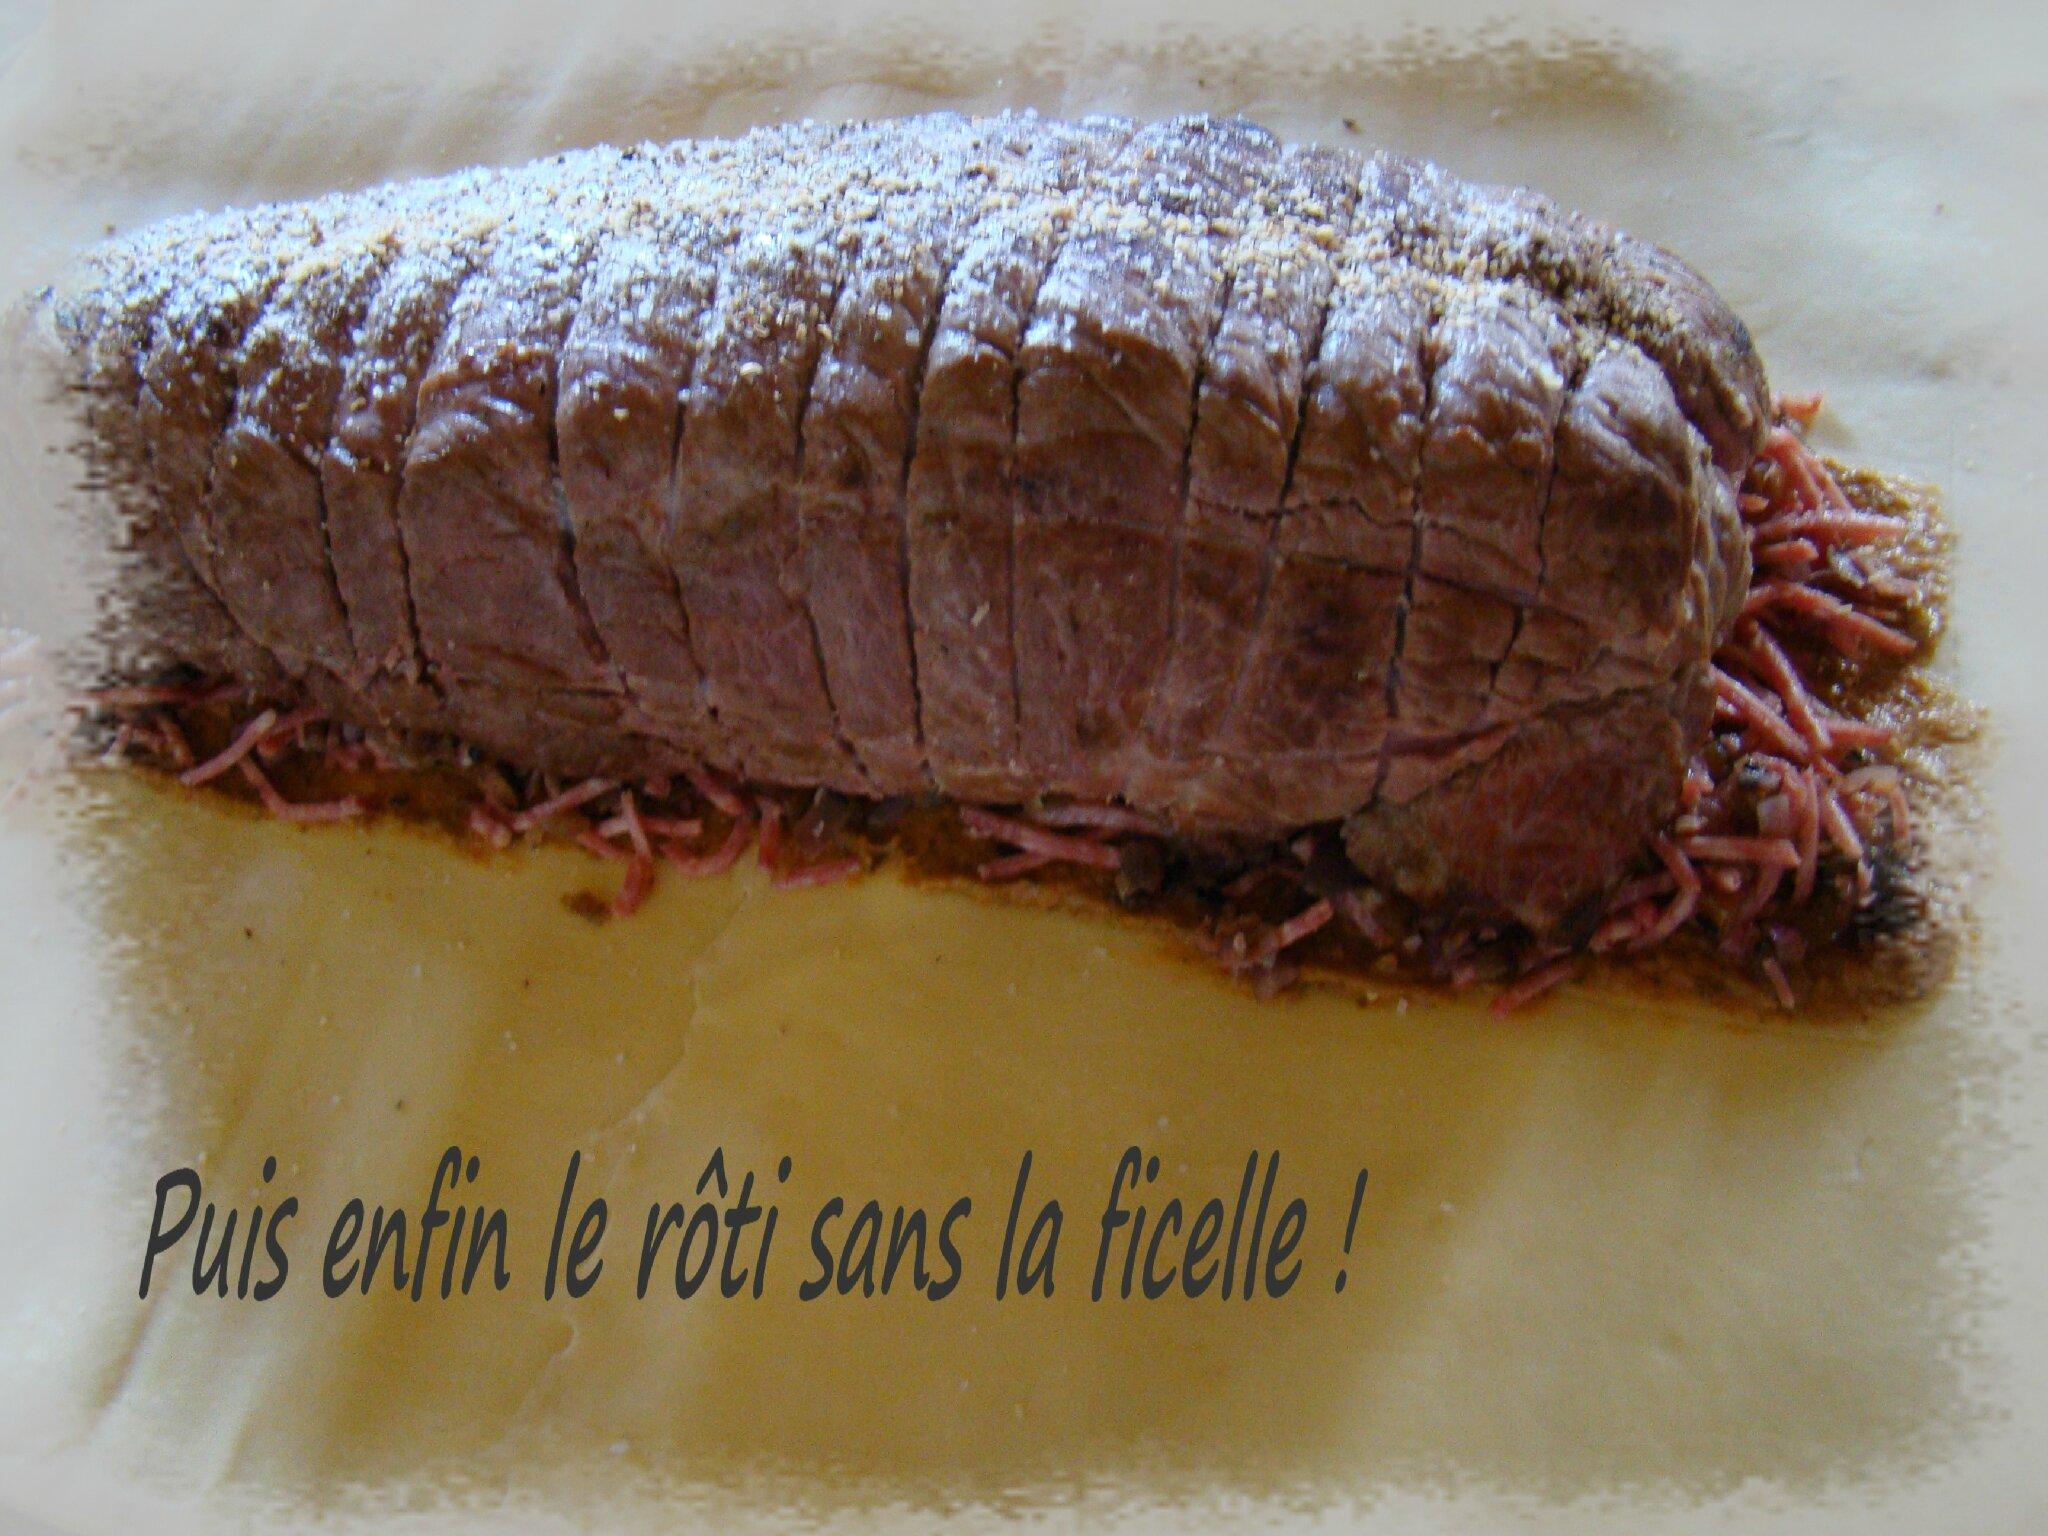 Filet de boeuf en croute sauce foie gras (9)